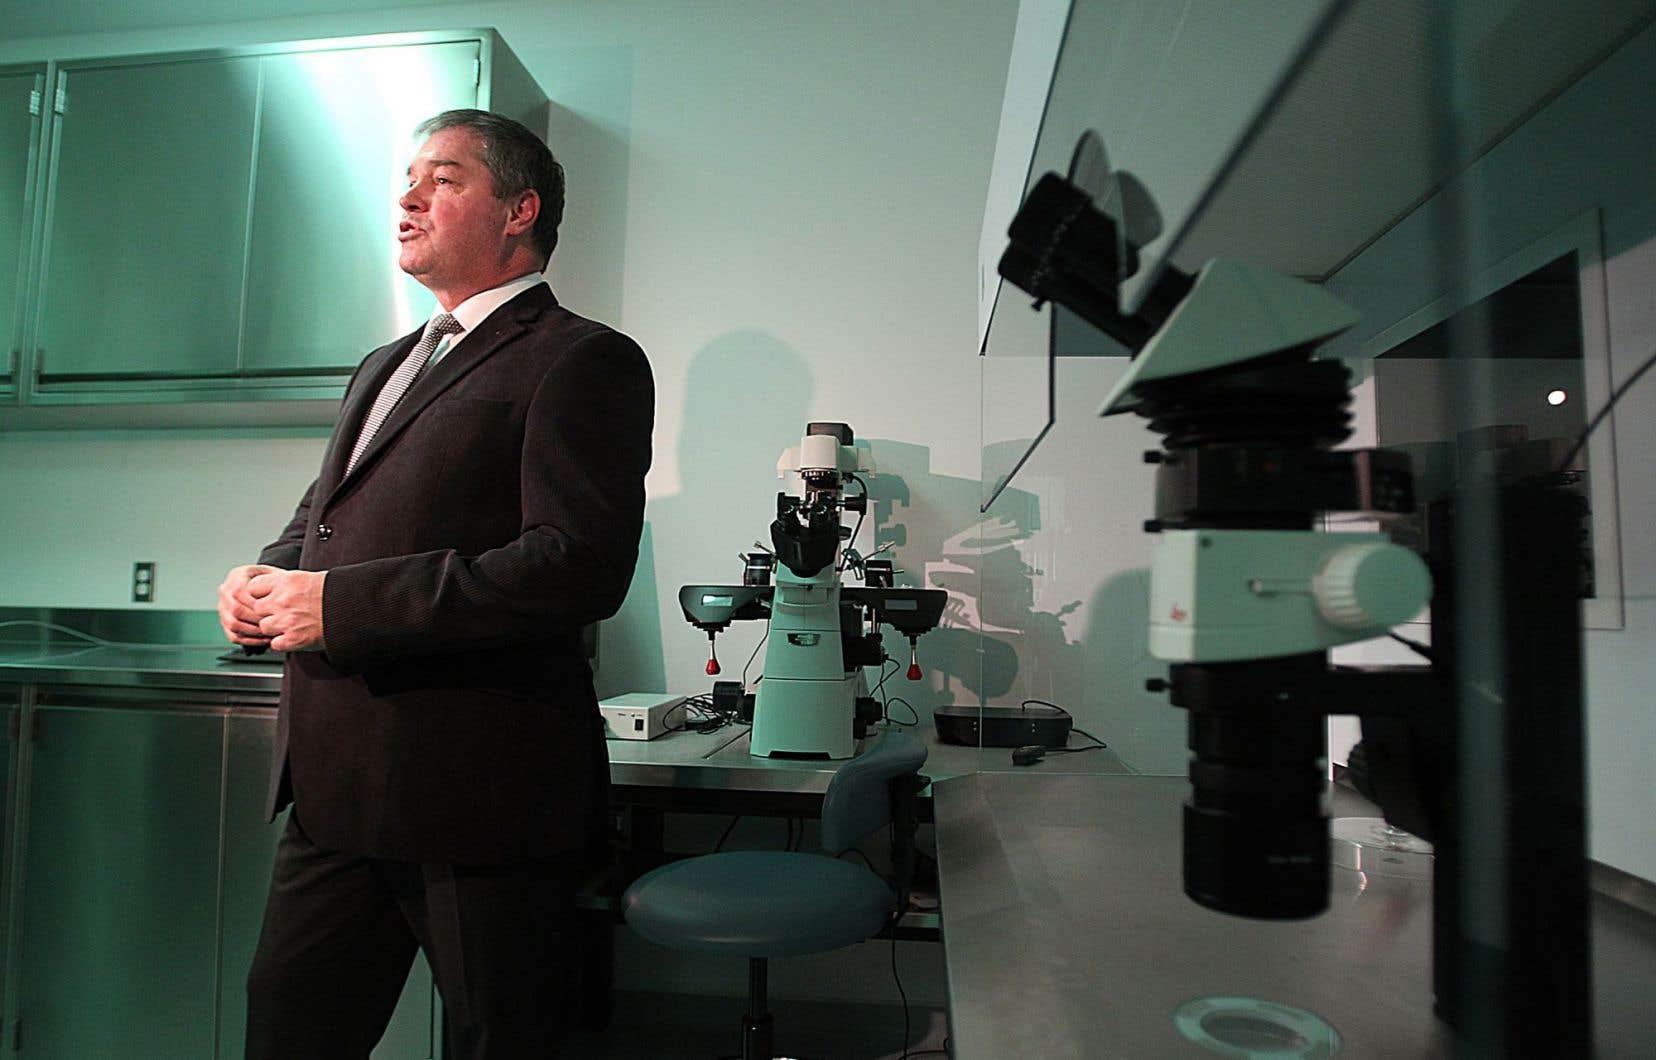 Ouverte en 2011 en présence de l'ex-ministre Yves Bolduc, au terme d'investissements publics de 16millions de dollars, la Clinique de procréation assistée du CHUM aurait dispensé près de 1000 cycles de FIV l'an dernier.